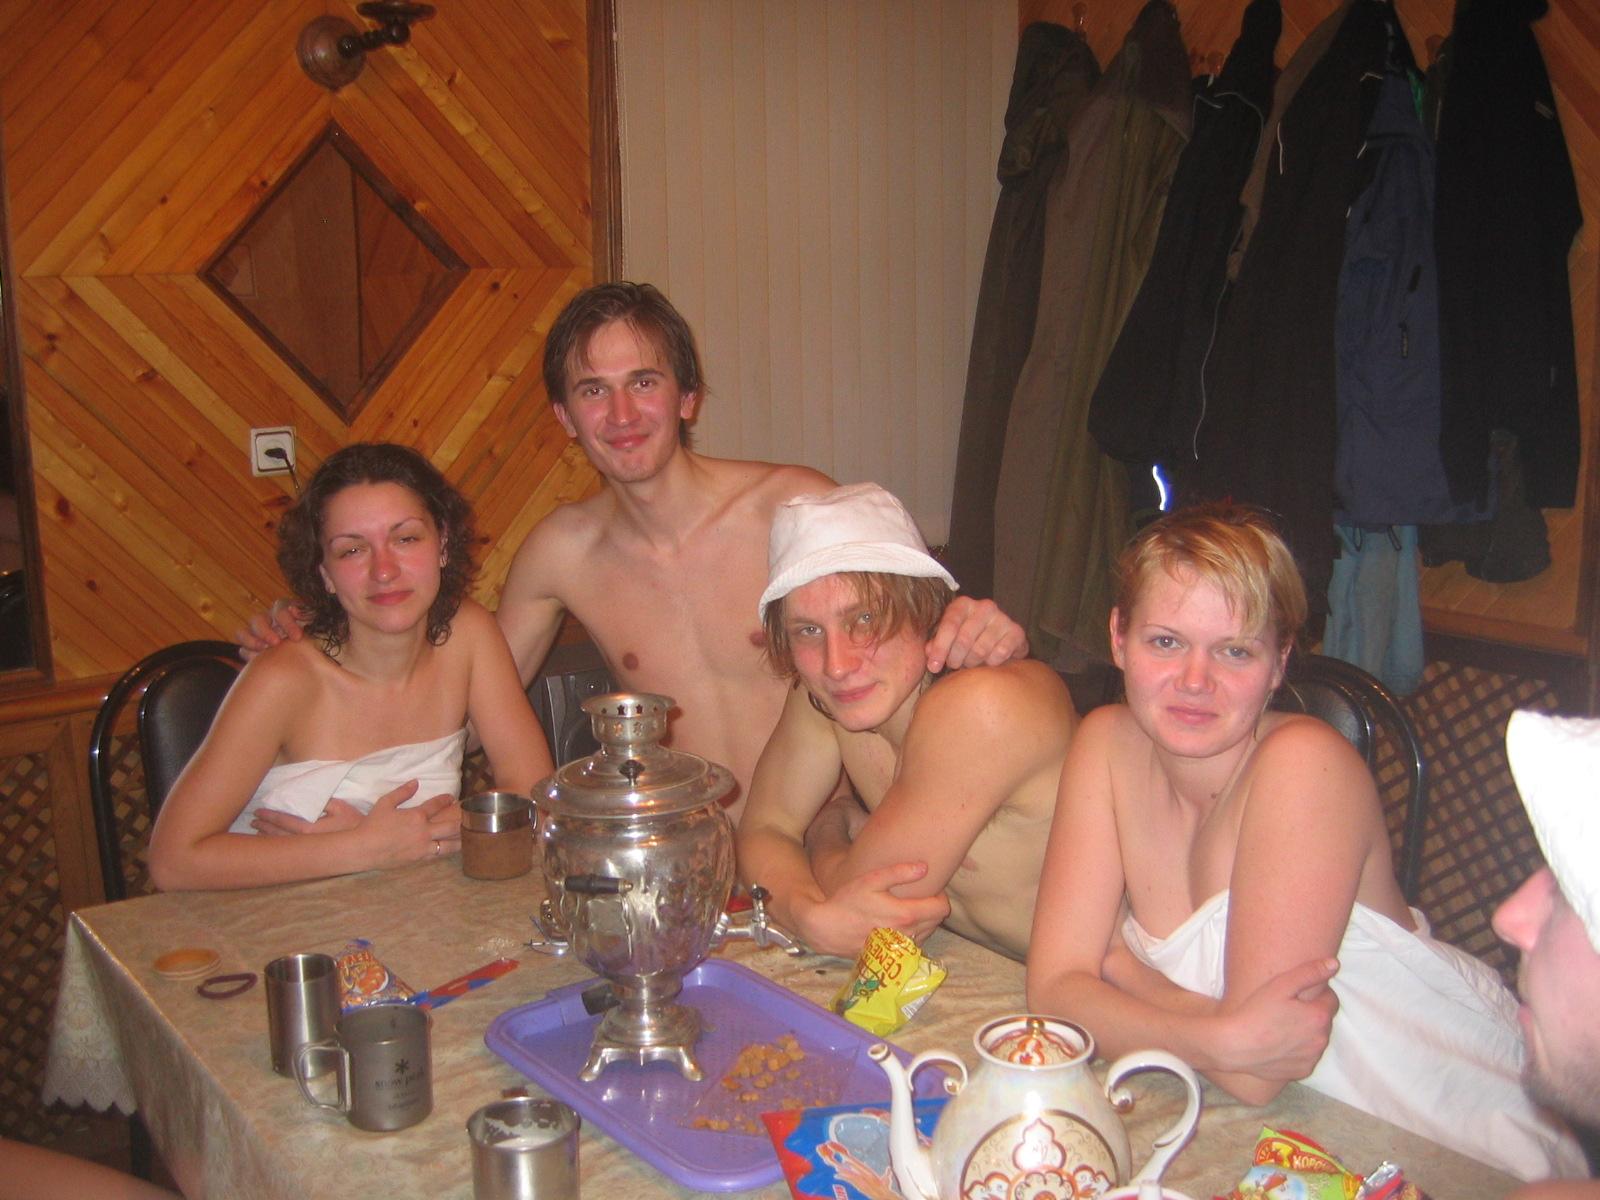 Русские любовники в сауне, Видео : С любовником в сауне - русское порно онлайн 11 фотография